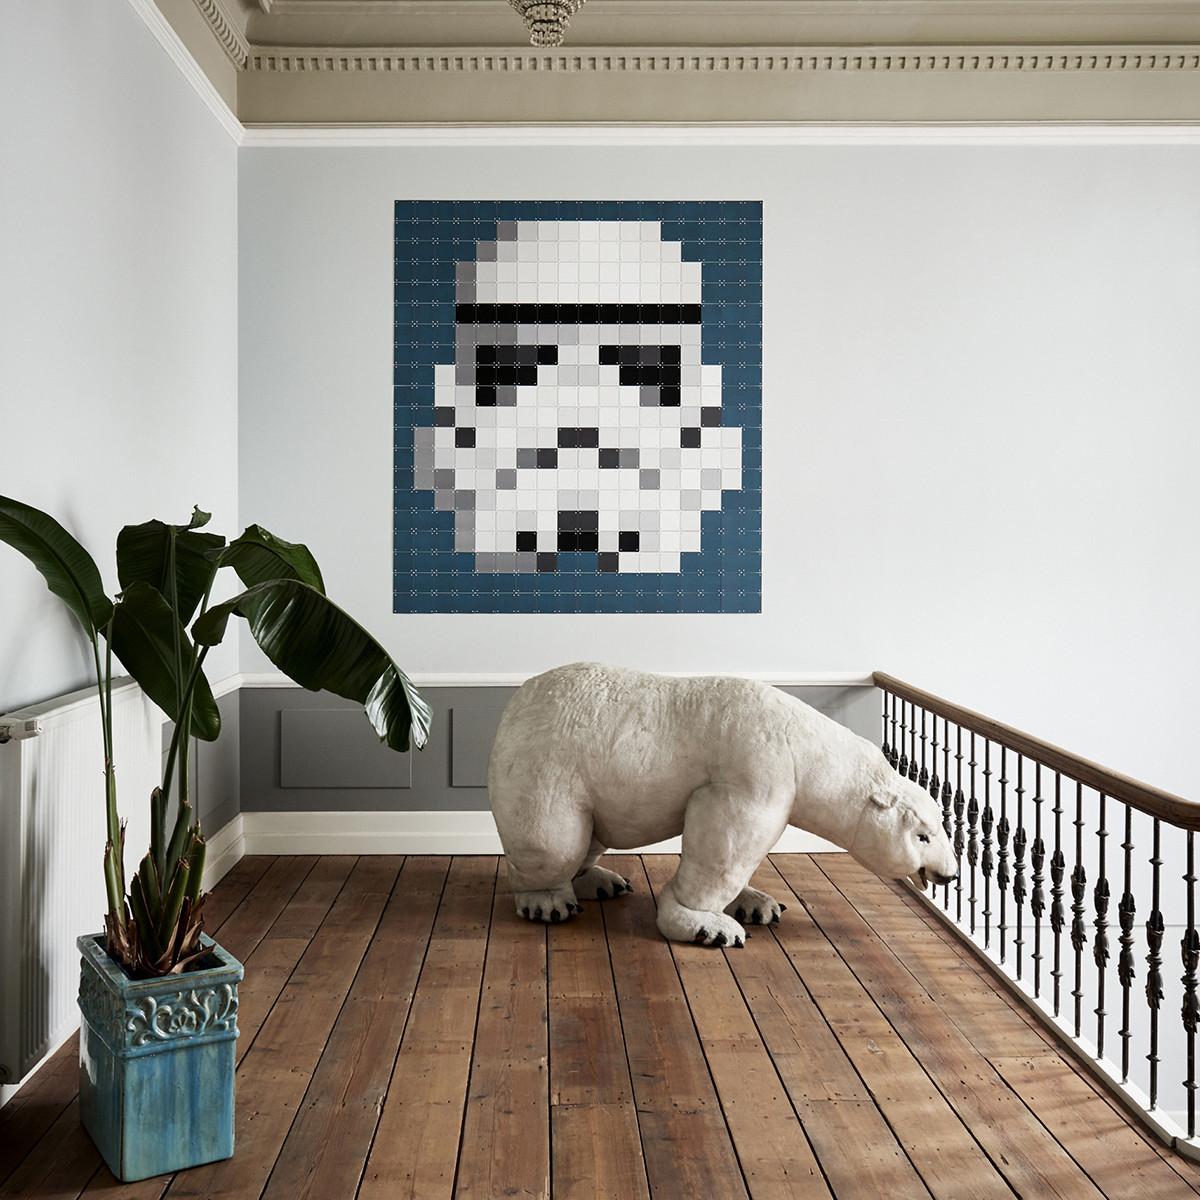 Ixxi: Star Wars Stormtrooper Pixel Wall Art - 180cm X 200cm image